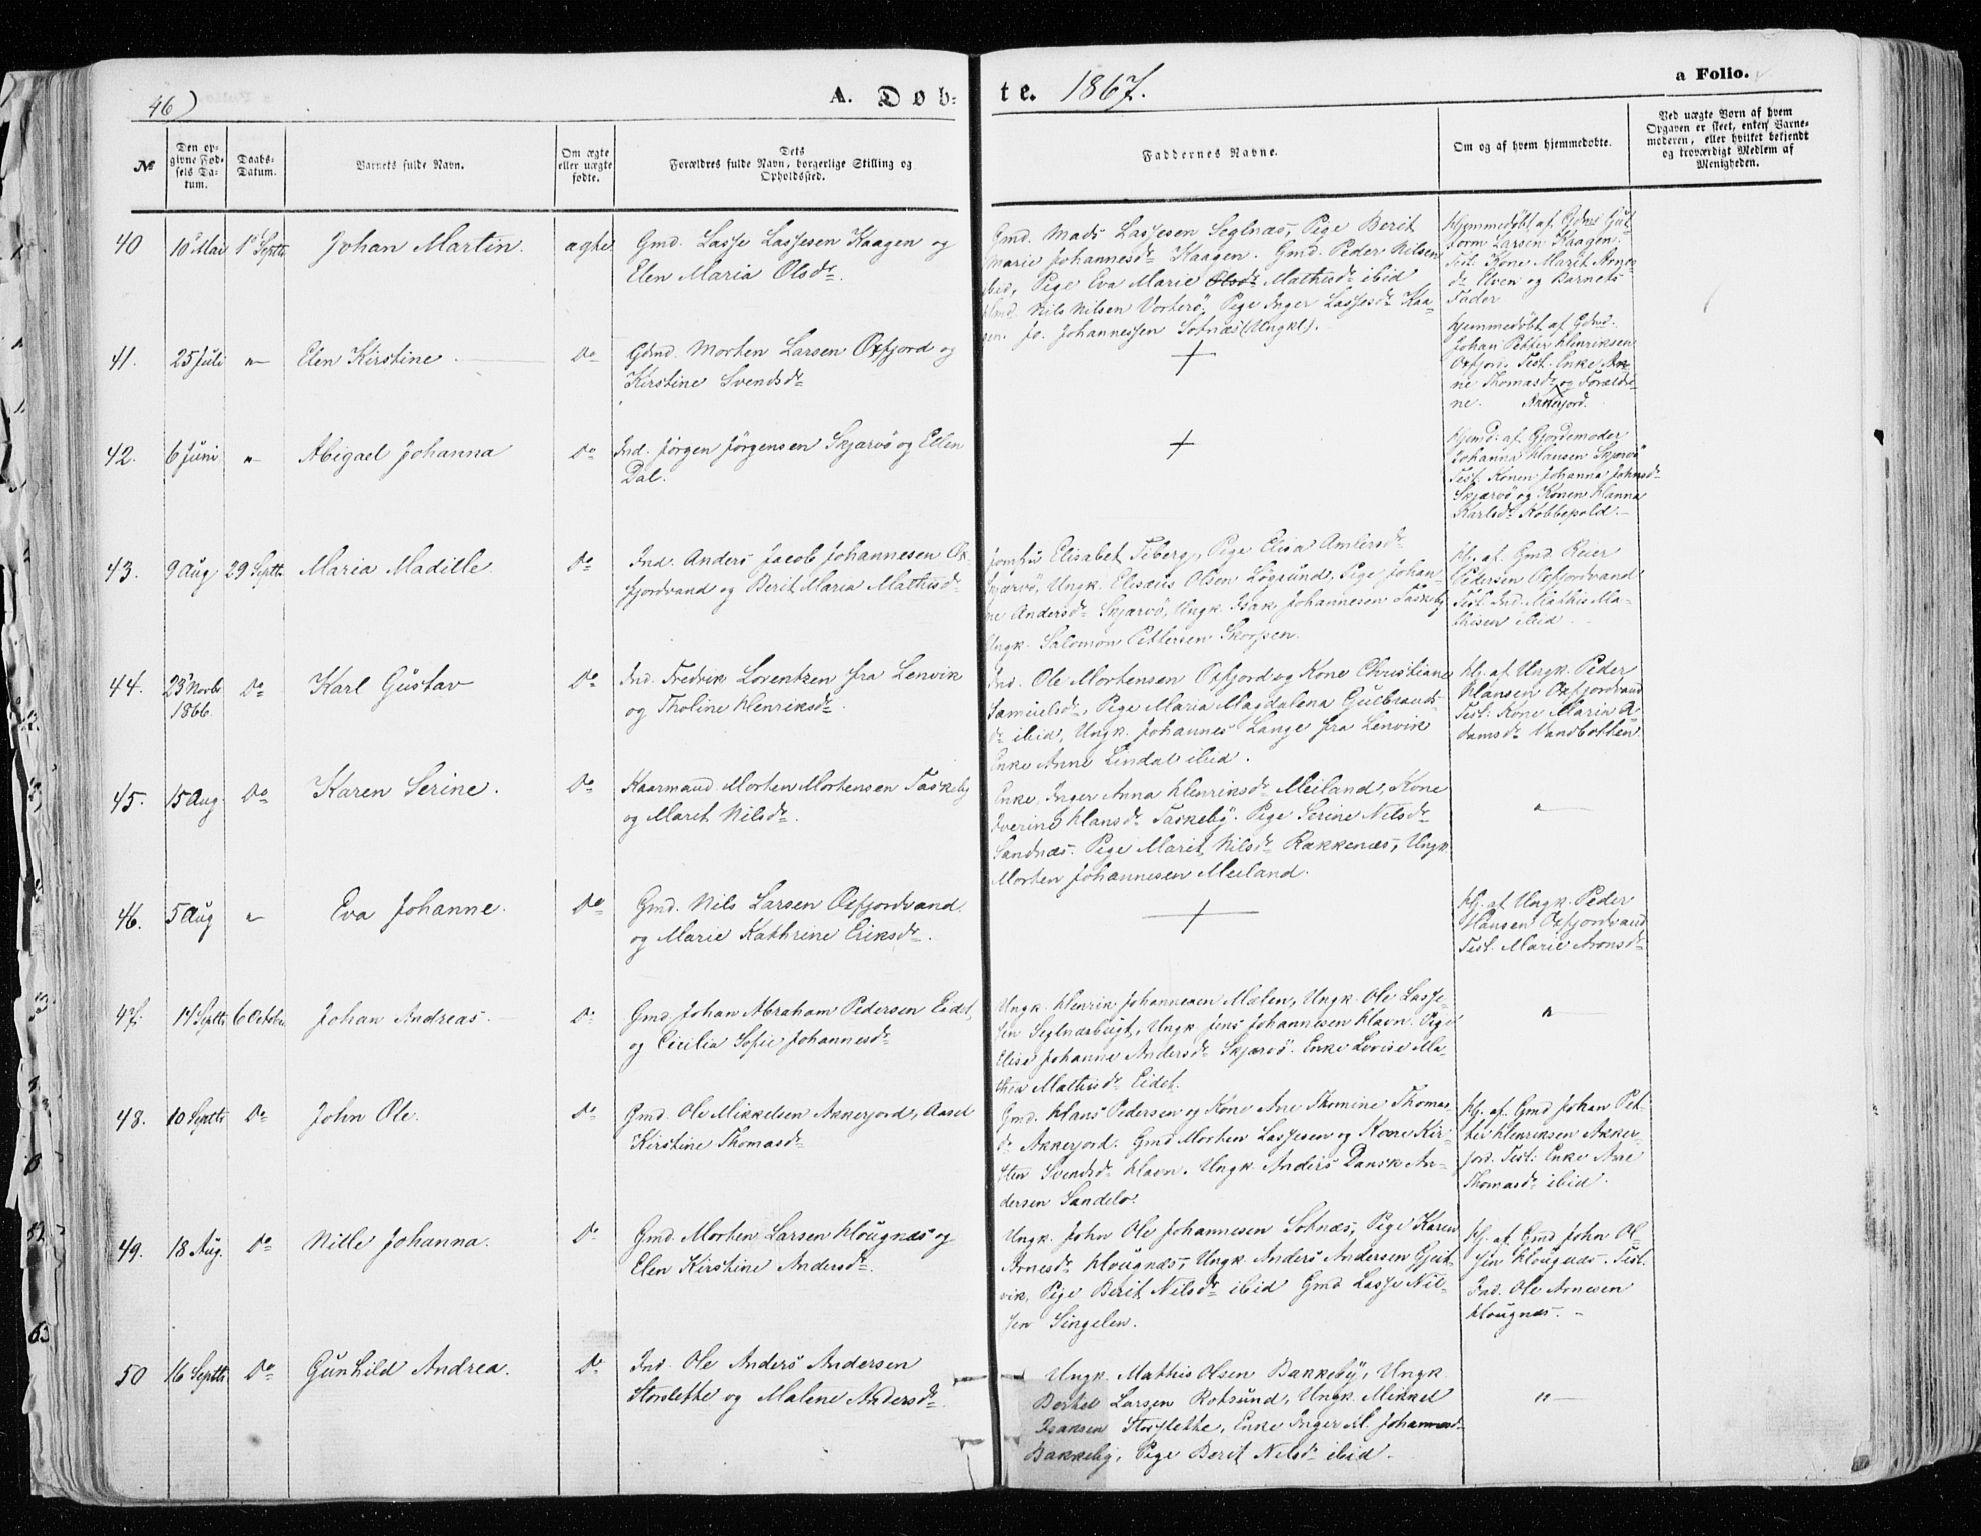 SATØ, Skjervøy sokneprestkontor, H/Ha/Haa/L0007kirke: Parish register (official) no. 7, 1860-1870, p. 46